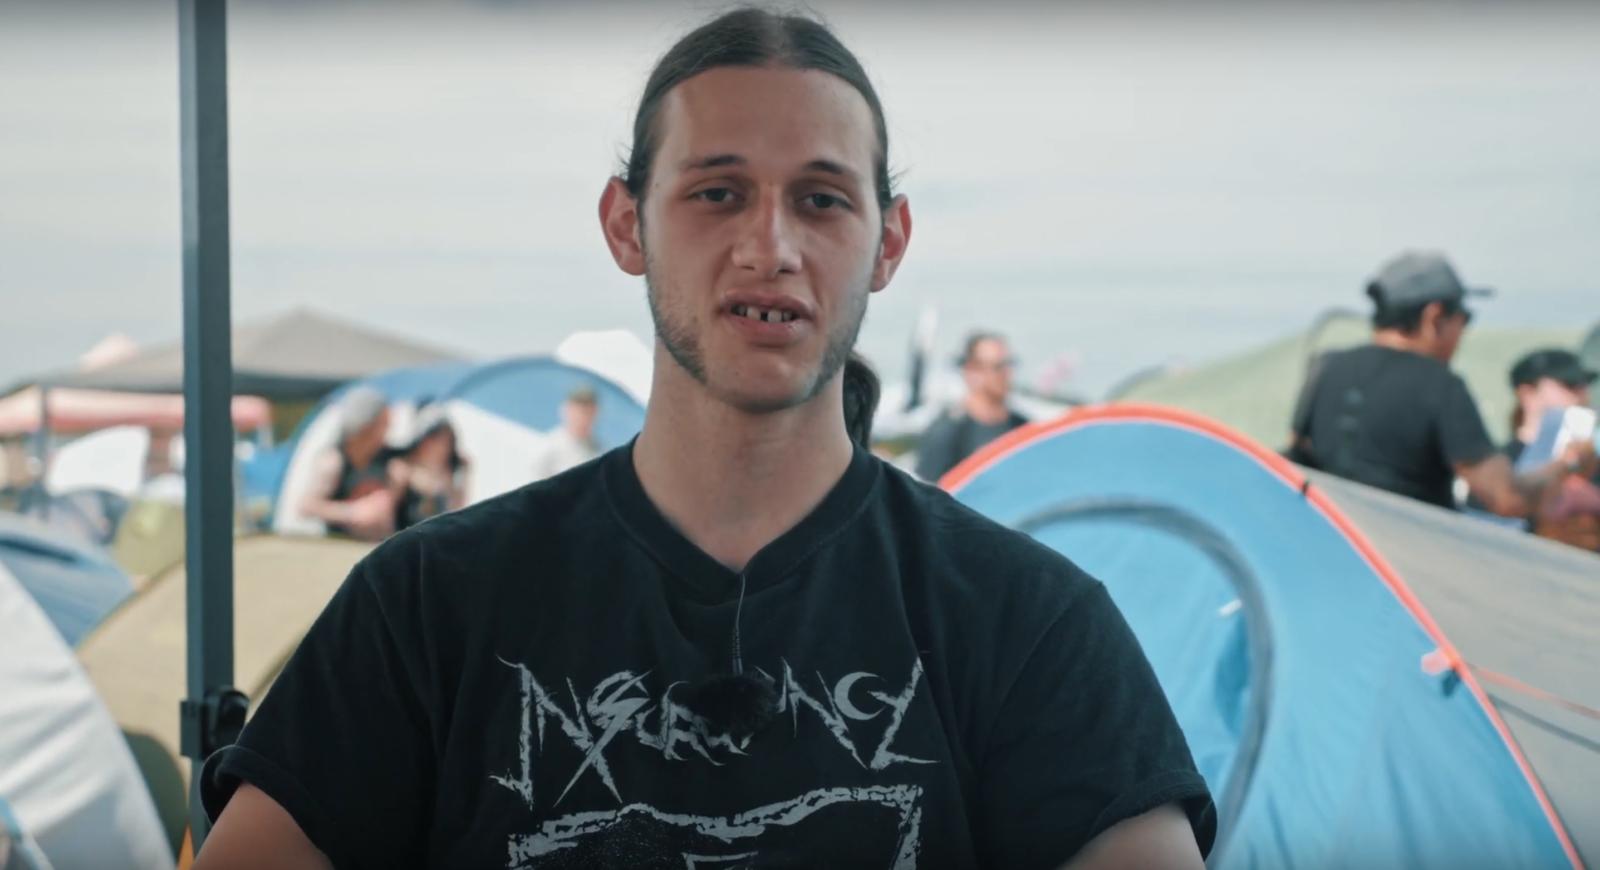 Témoignage : Un amateur de metal extrême devenu chrétien